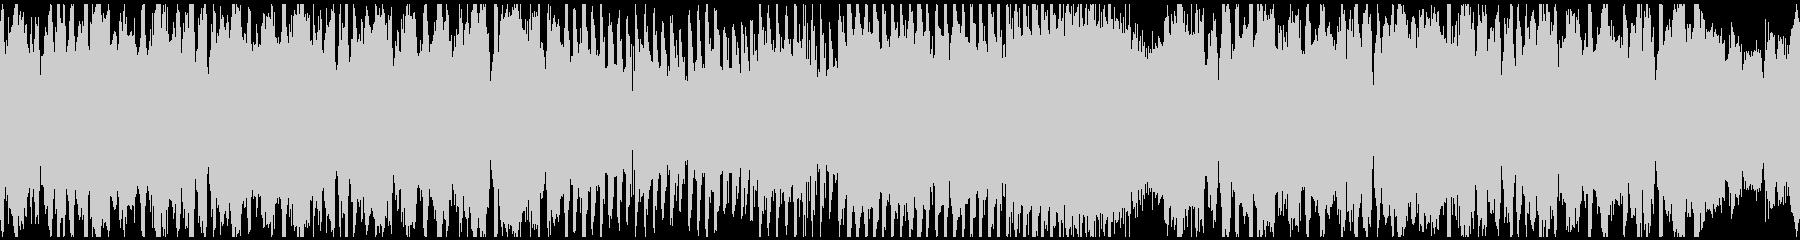 フューチャーベース+和楽器! ※ループ版の未再生の波形